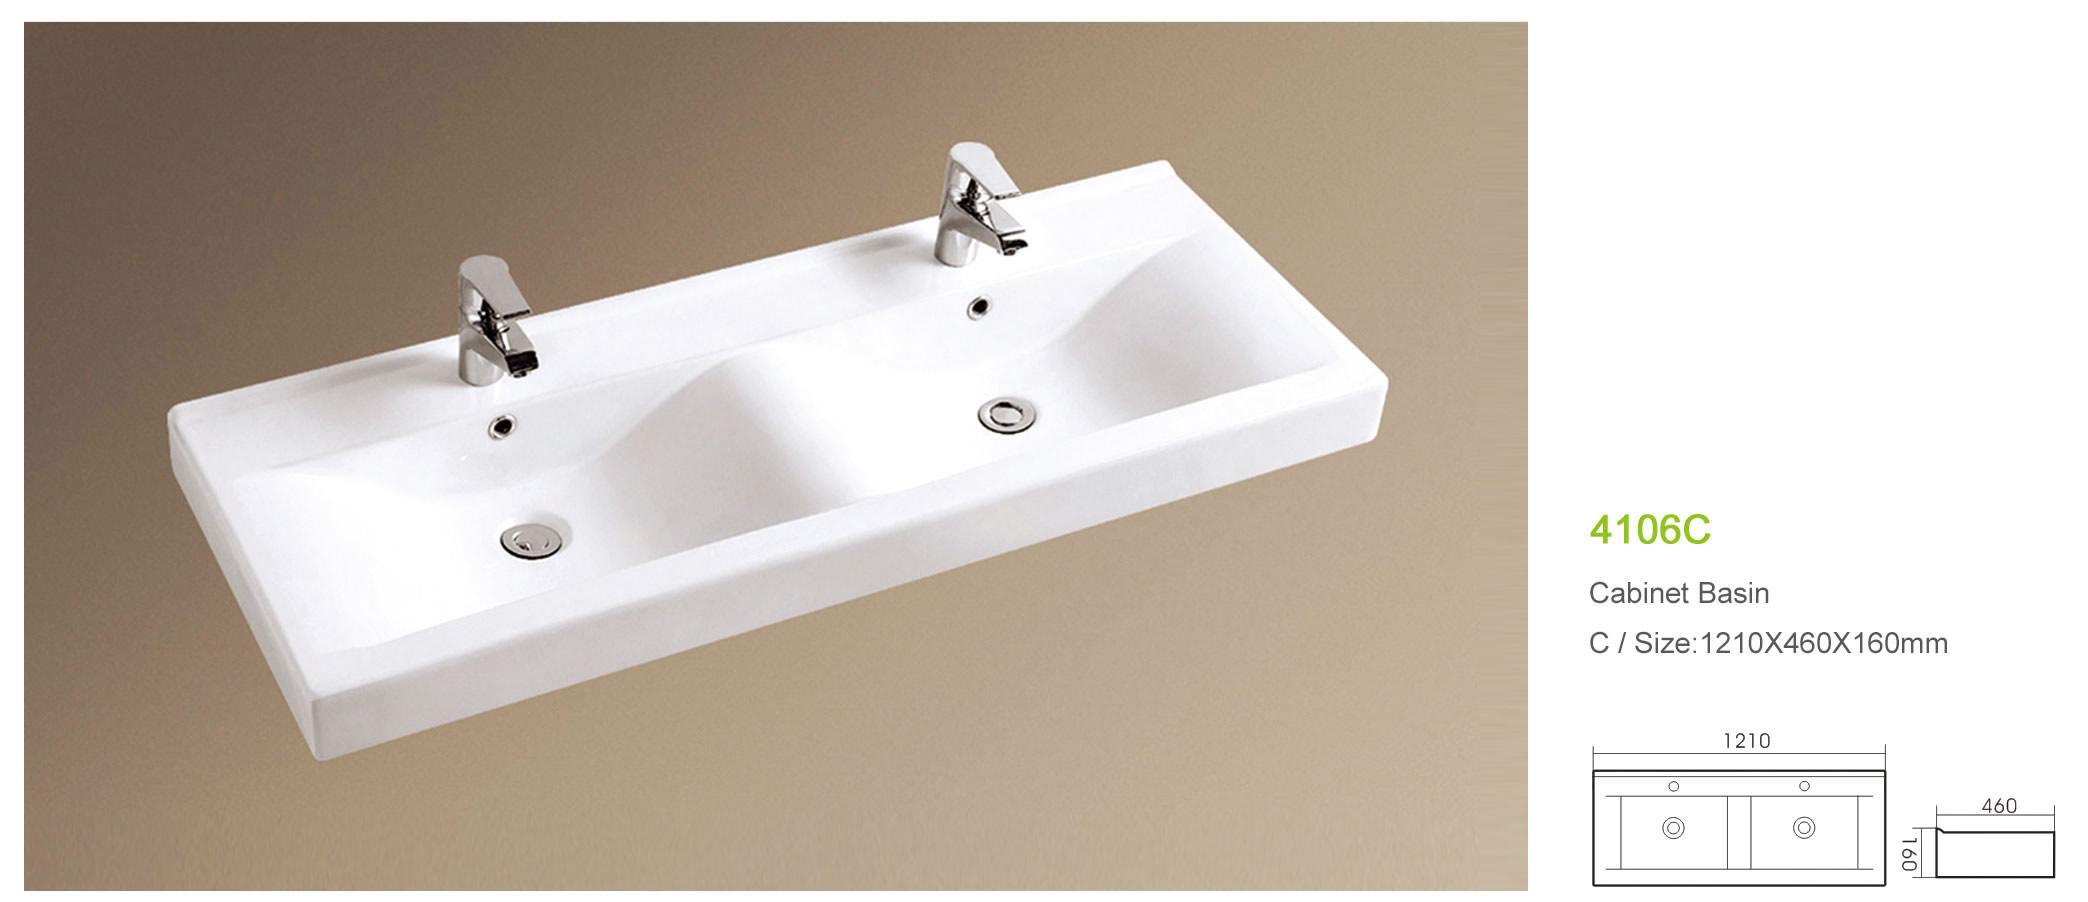 직사각형 더블 세면대 위생 큰 크기의 화장실 세면대-욕실 싱크 ...